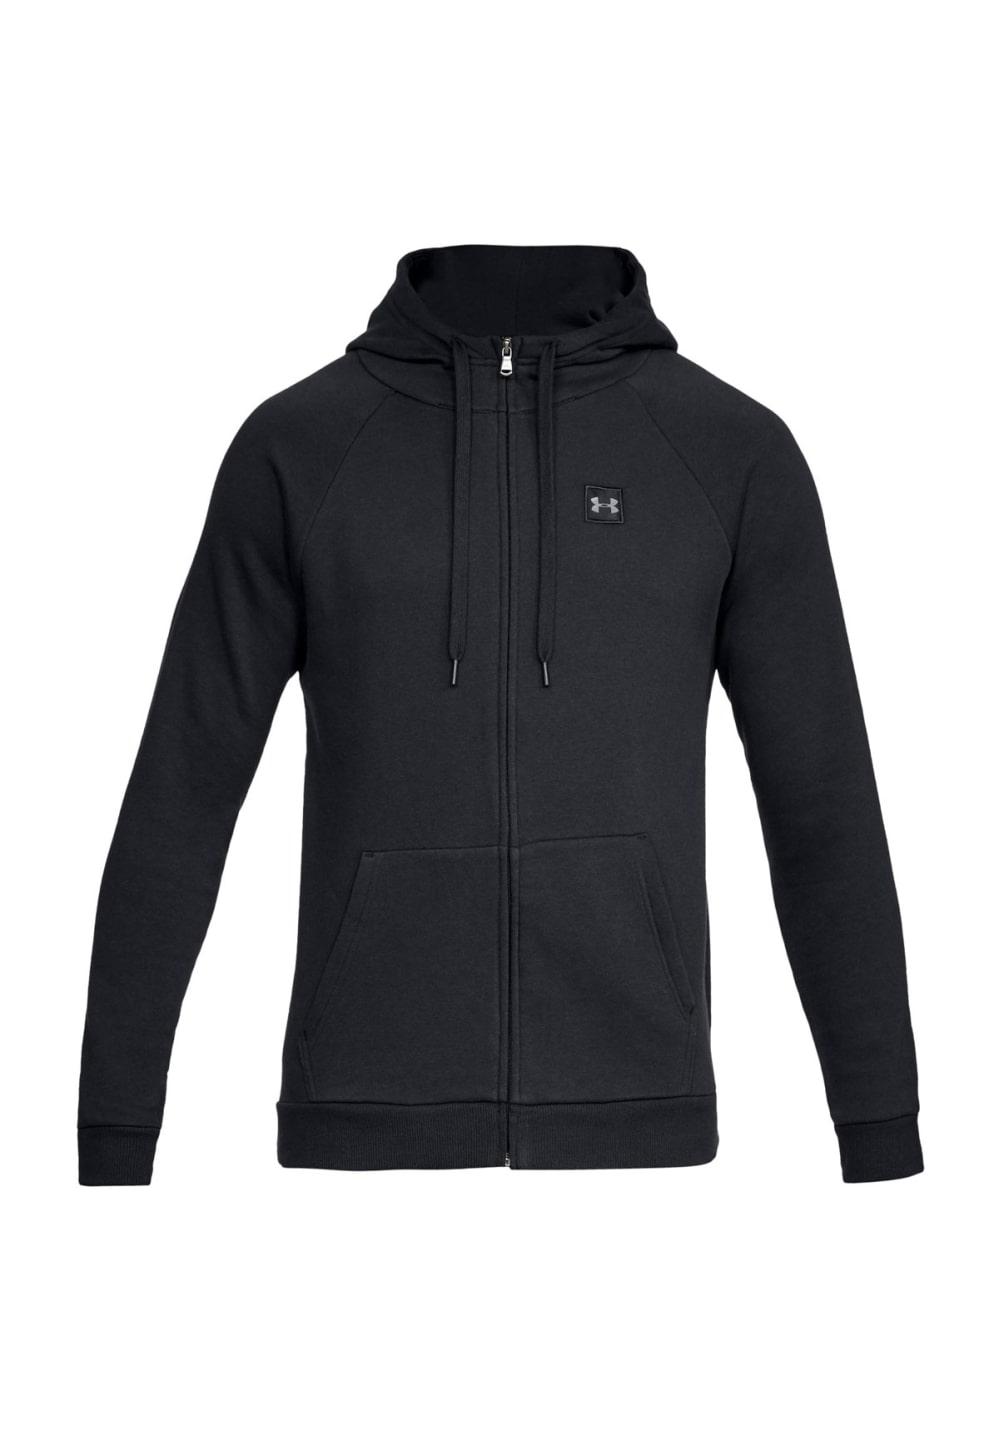 Under Armour Rival Fleece Full Zip Hoodie - Sweatshirts & Hoodies für Herren - Schwarz